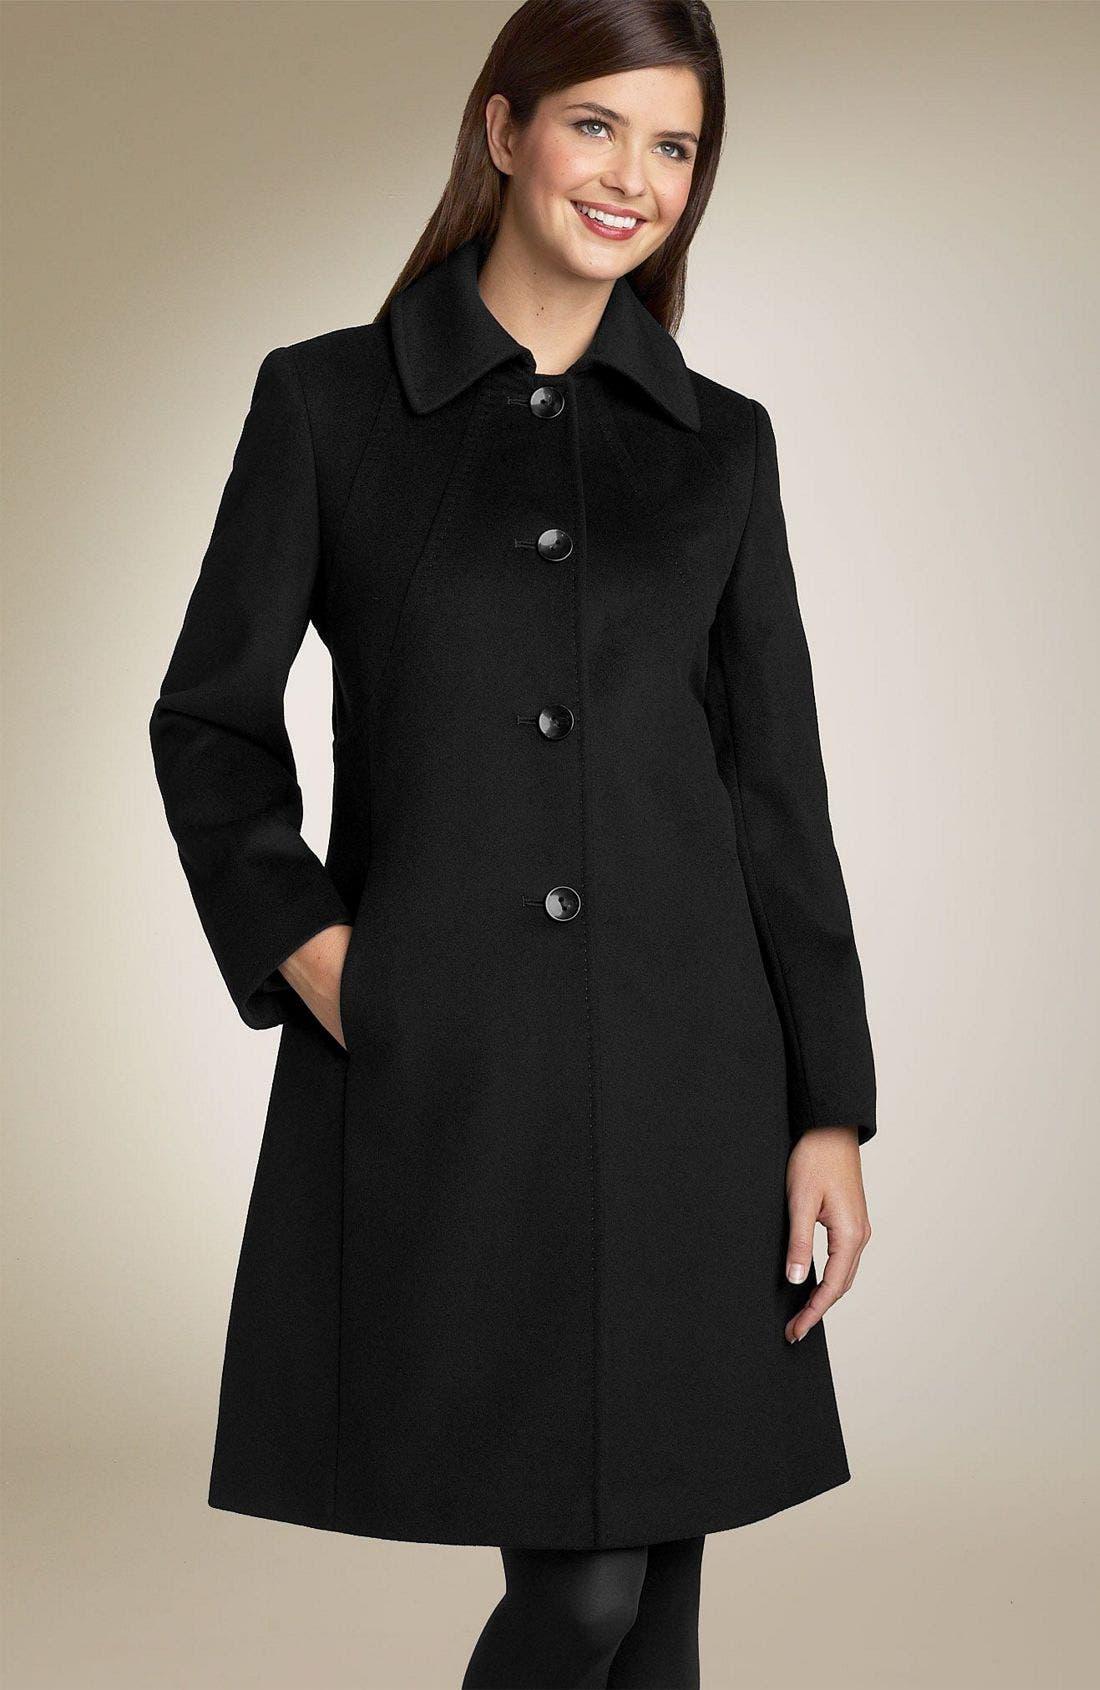 Cashmere Blend Coat,                             Main thumbnail 1, color,                             BLK